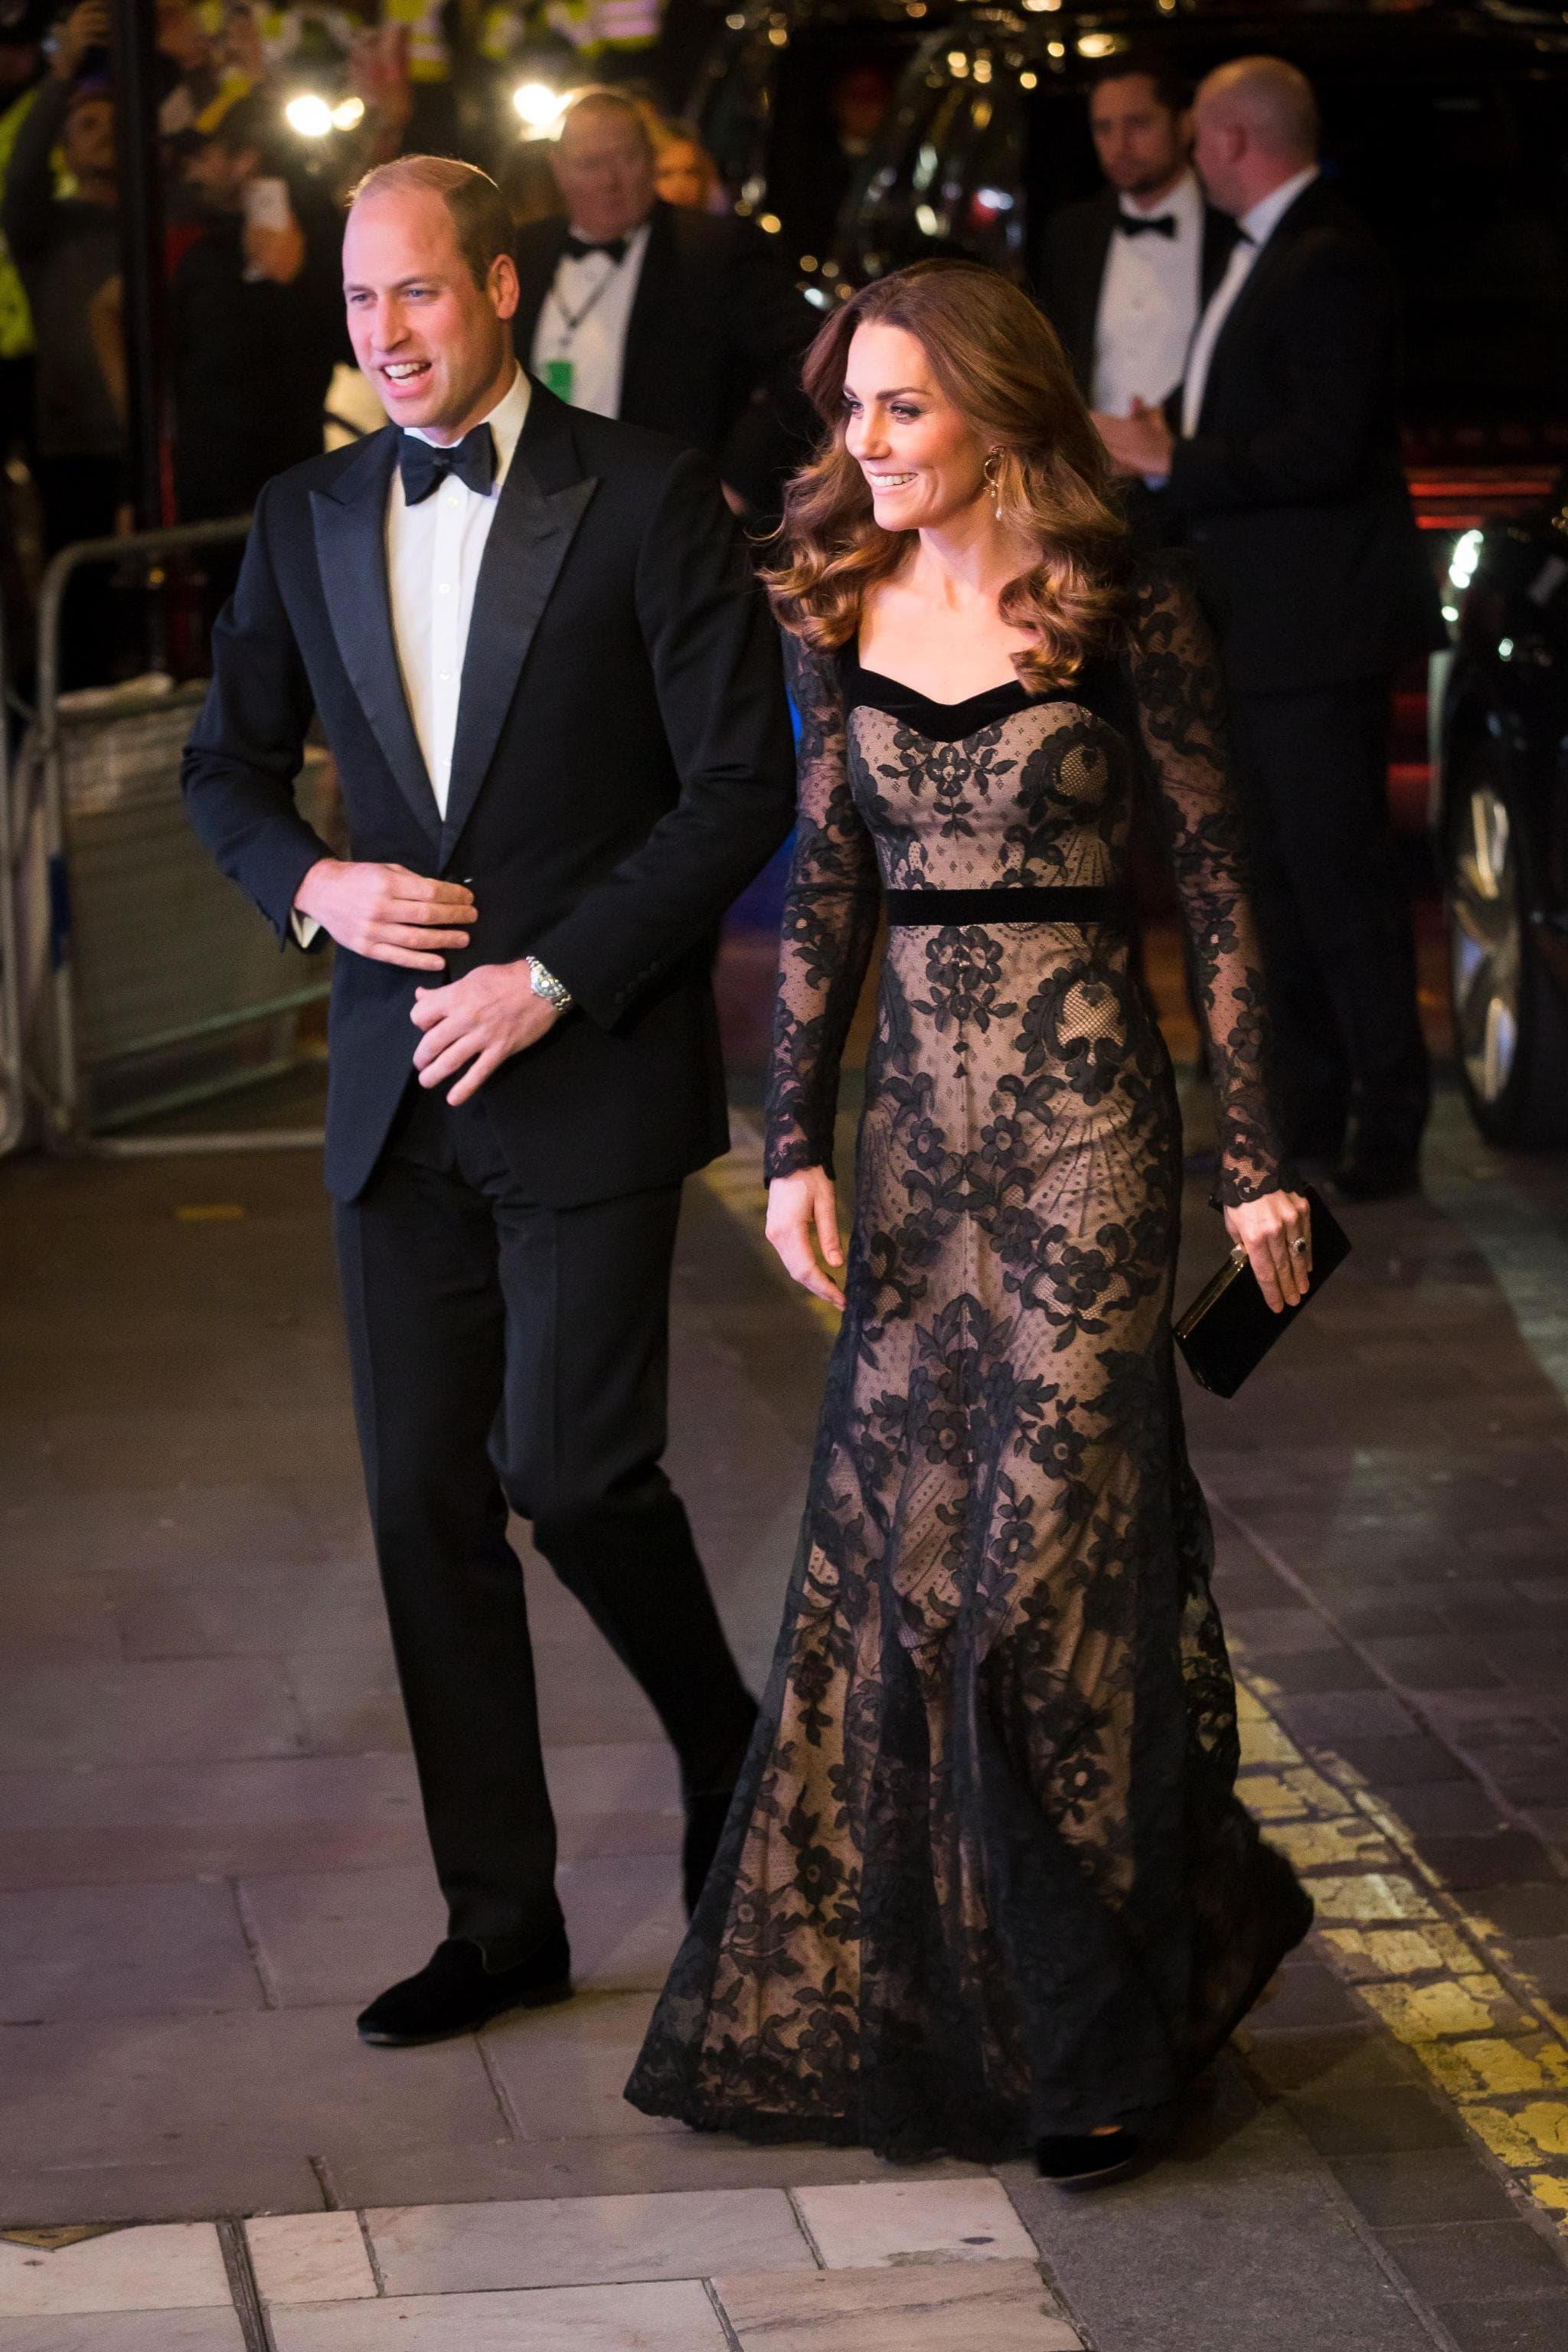 Anniversario Matrimonio Kate E William.William E Kate Il Prezioso Dettaglio Sfoggiato Nel Giorno Dell